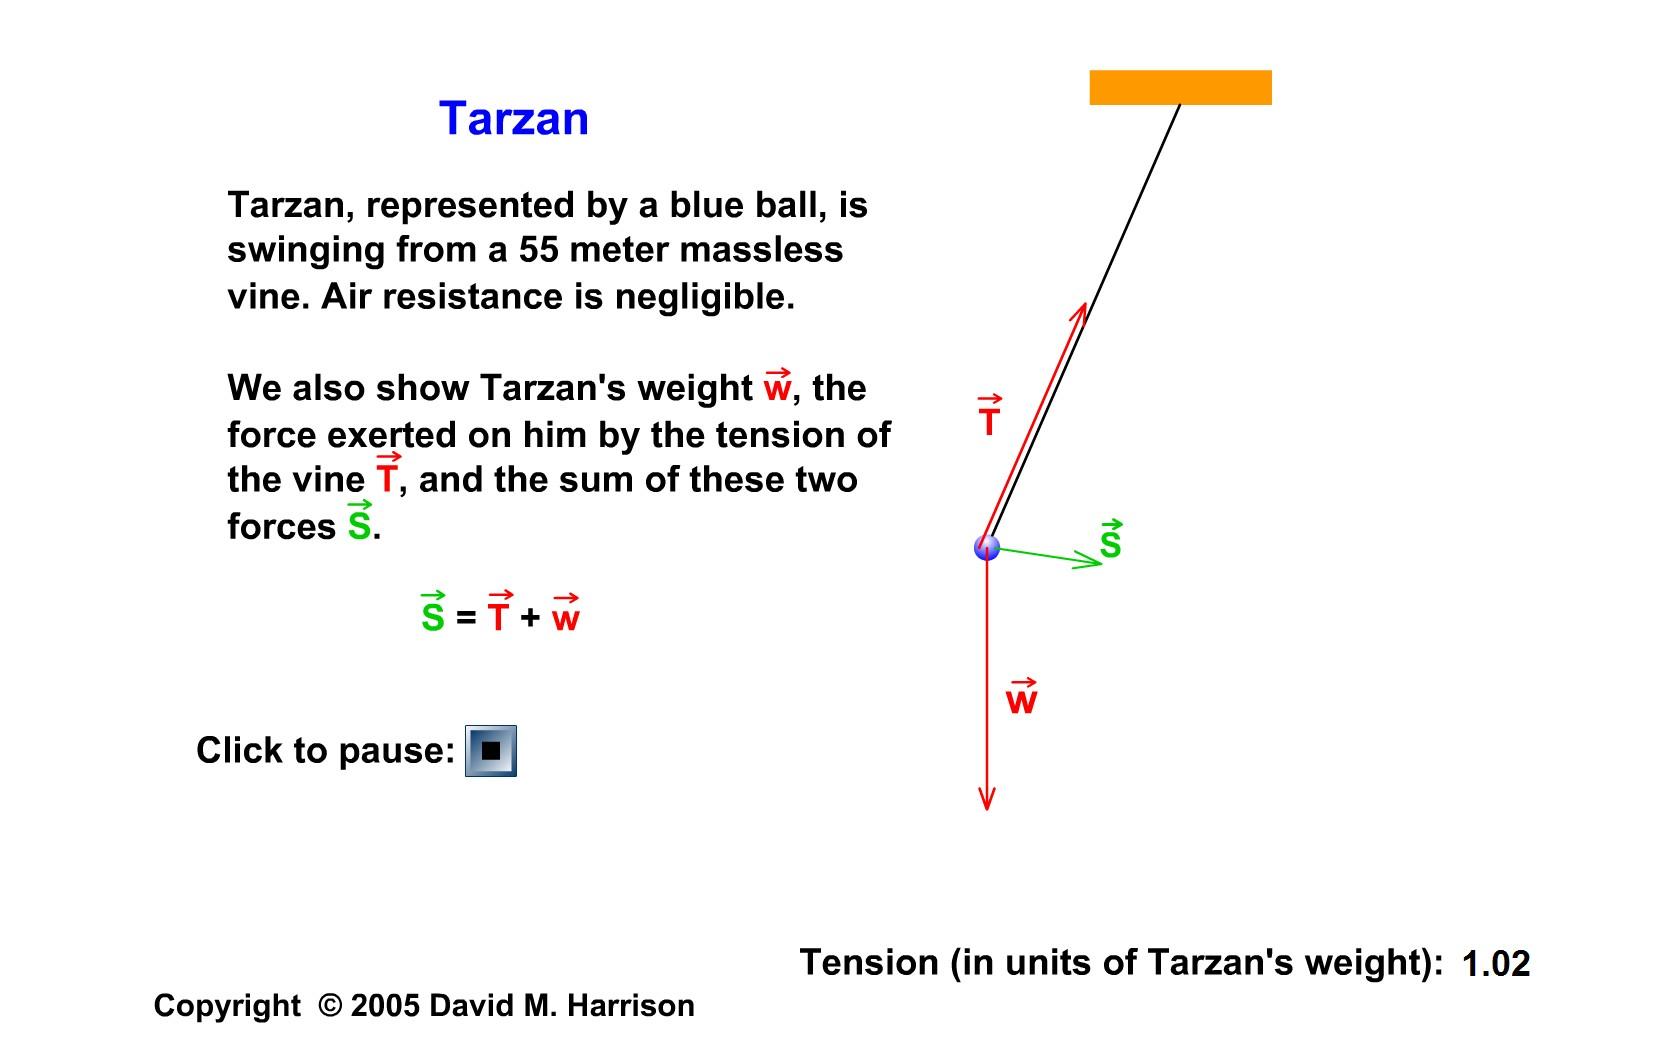 Forţe care acţionează asupra pendulului: W - greutatea, T - tensiunea în fir, S - rezultanta